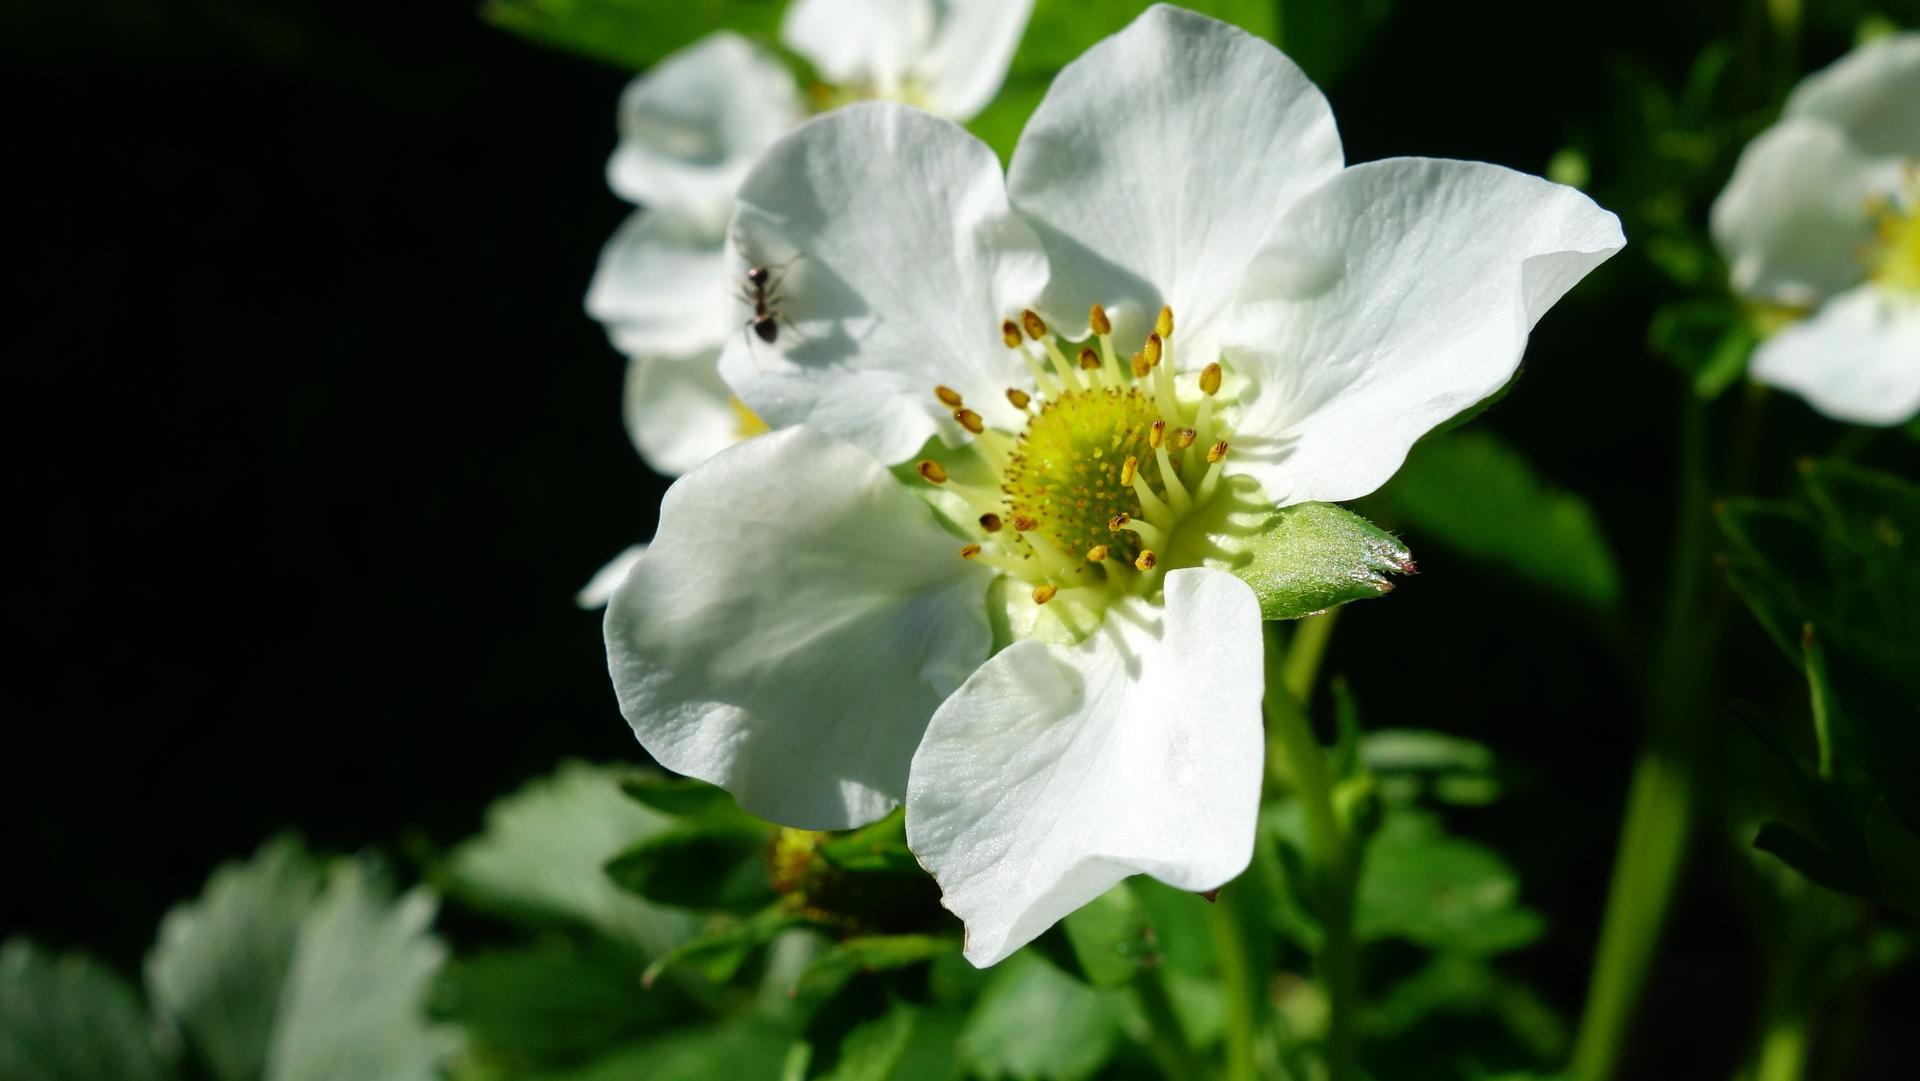 Oteplilo sa aj kvety ožívajú... - Obrázok č. 3